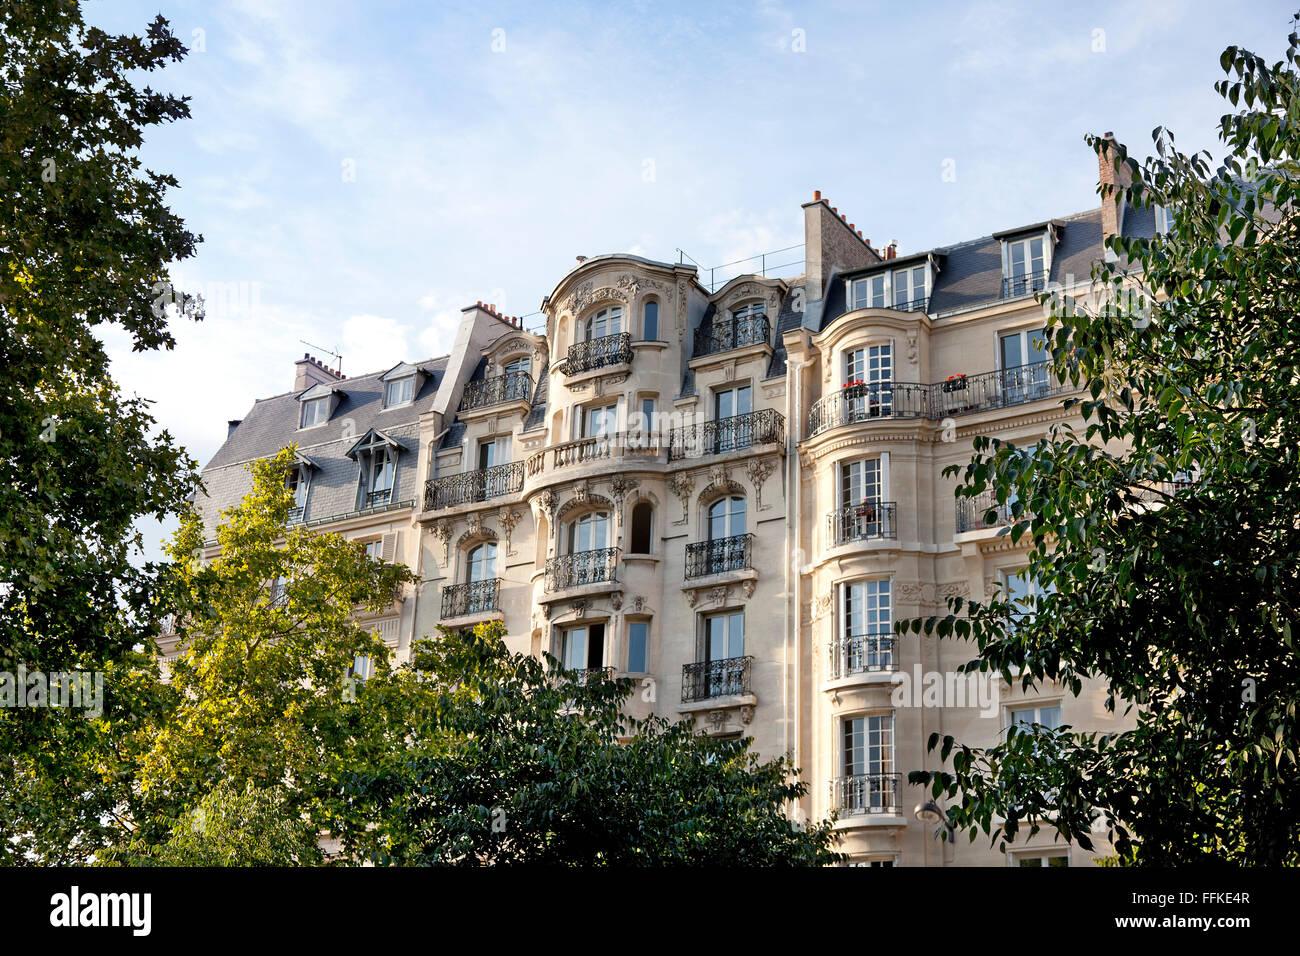 French immagini french fotos stock alamy for Appartamenti a parigi